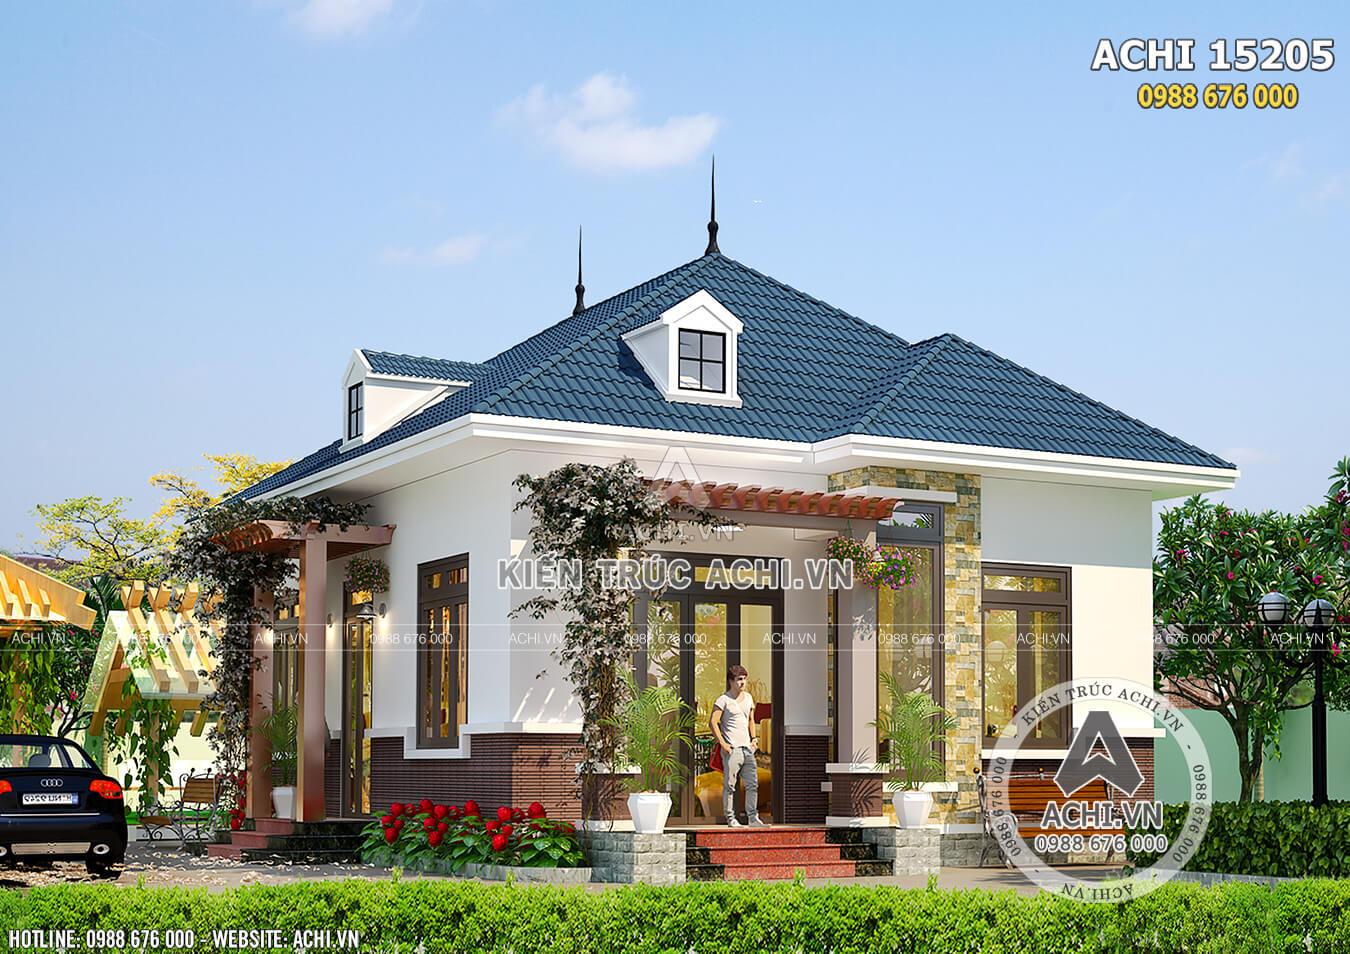 Mẫu nhà 1 tầng cấp 4 mái thái đơn giản 700 triệu đẹp sang trọng - ACHI 15205